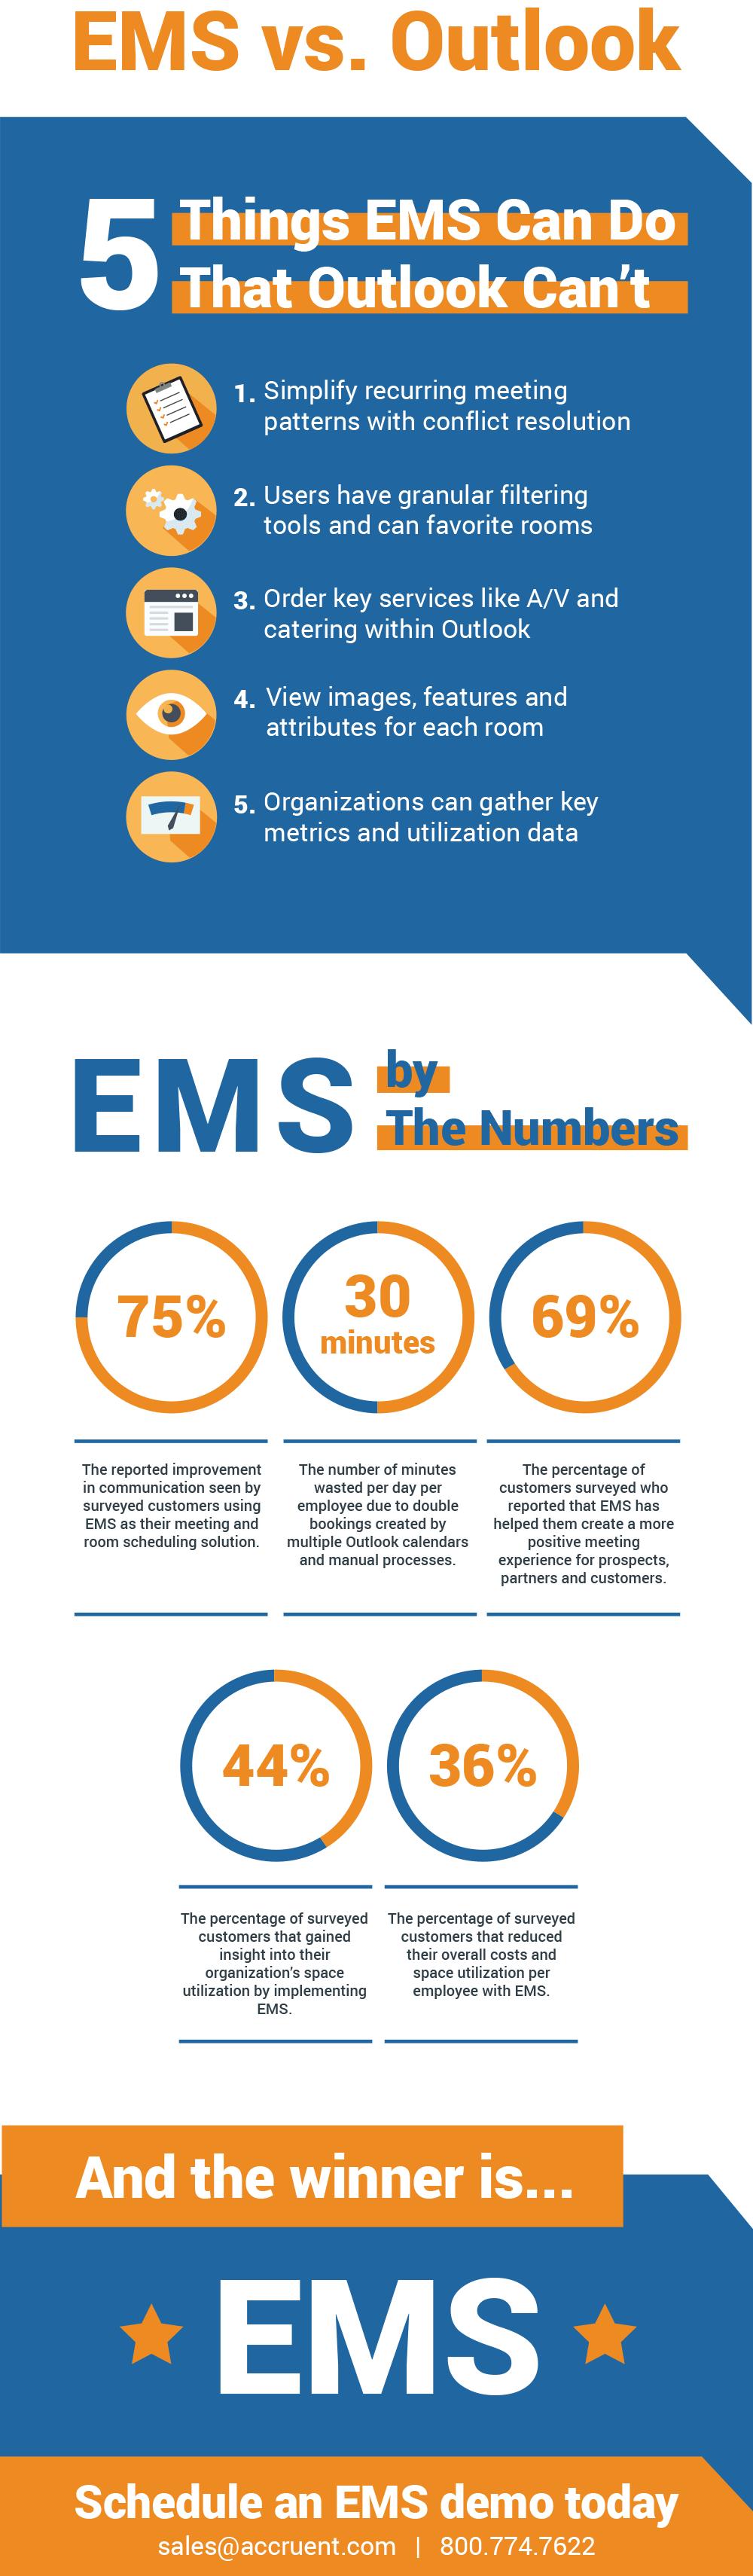 滚球体育比滚球体育比分直播accruent  -365bet体育在线滚球首页 资源 - 信息图表 -  EMS与Outlook  - 英雄